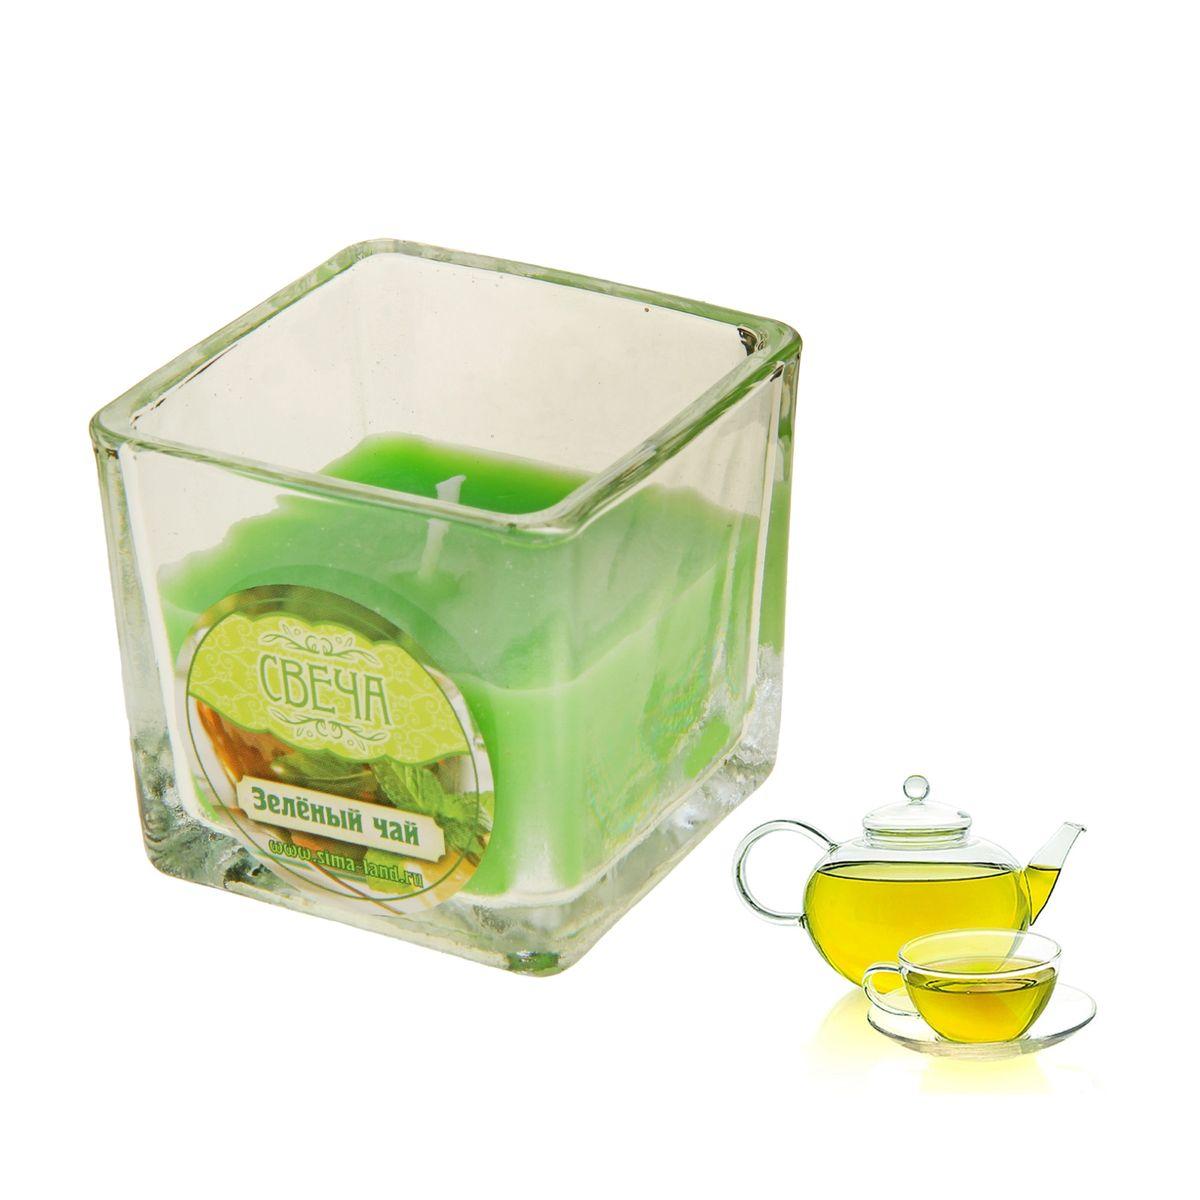 Свеча ароматизированная Sima-land Зеленый чай, высота 5 см853459Ароматизированная свеча Sima-land Зеленый чай изготовлена из воска и расположена в стеклянном стакане. Изделие отличается оригинальным дизайном и приятным ароматом. Такая свеча может стать отличным подарком или создаст незабываемую атмосферу праздника в вашем доме.